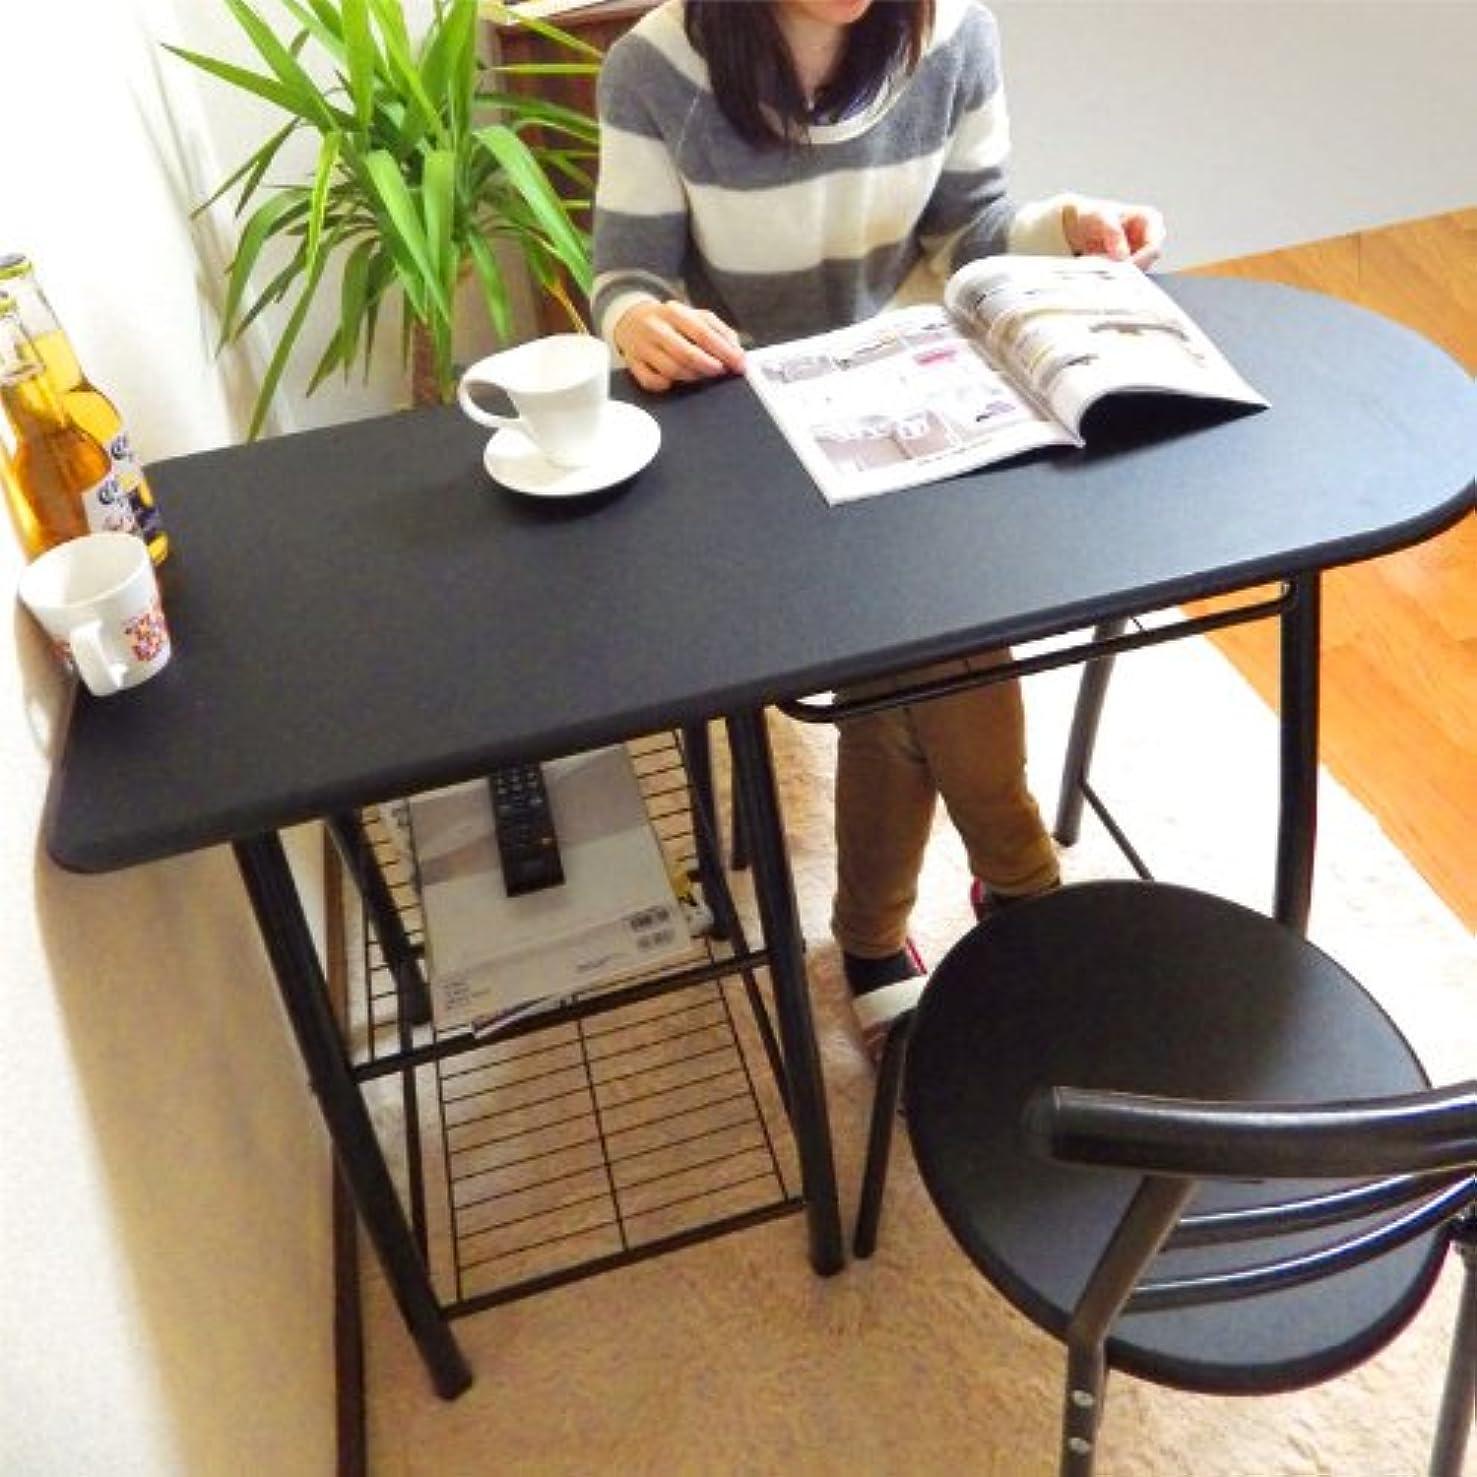 ラインナップブッシュピッチ天板80cm高 HIGH-TYPE カウンターダイニングテーブル3点セット ブラック(黒) 110cm幅 チェア2脚付き